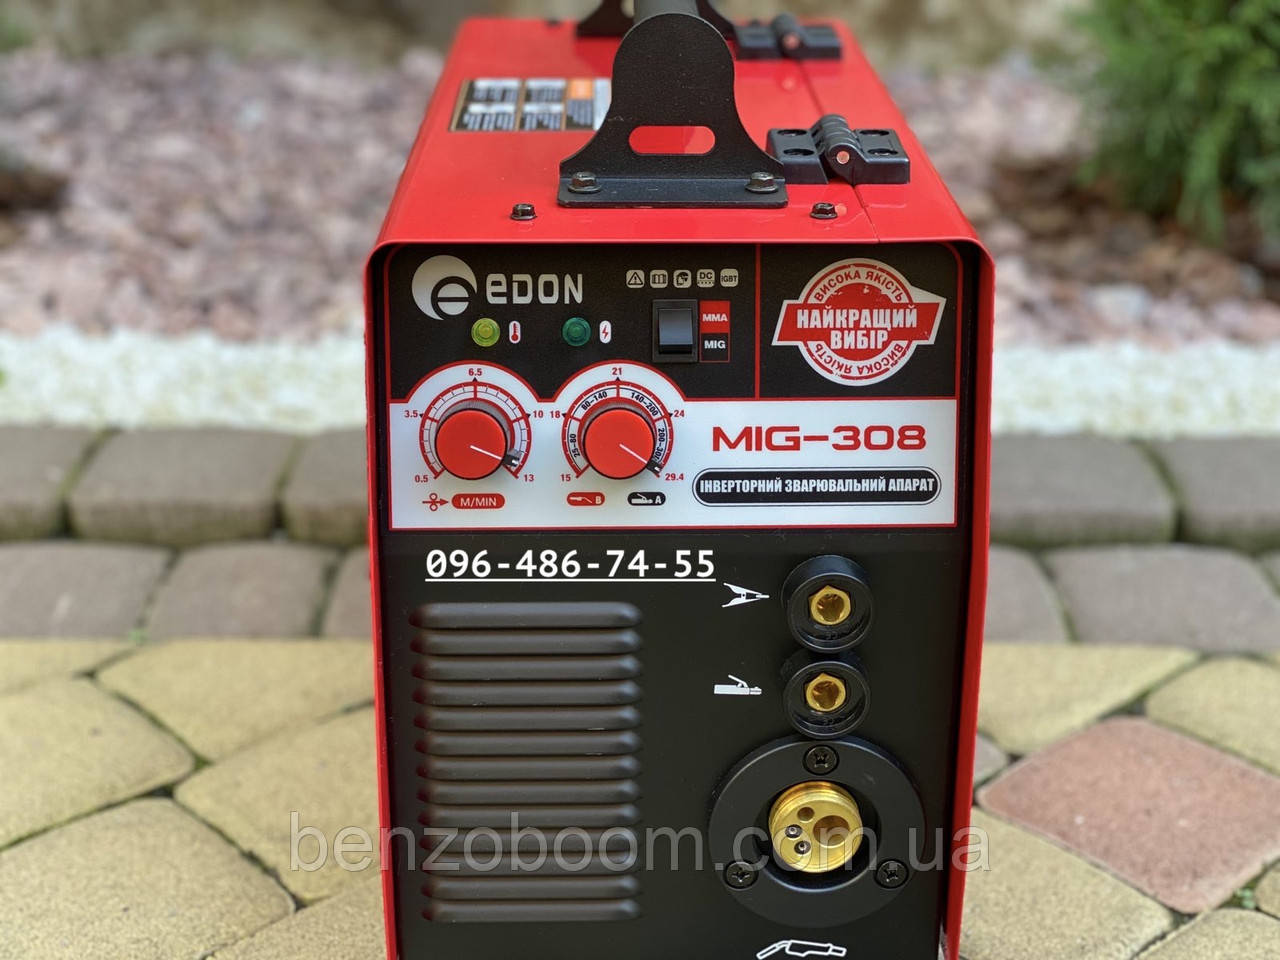 Сварочный полуавтомат Edon MIG-308 MIG/MMA напівавтомат зварювальний